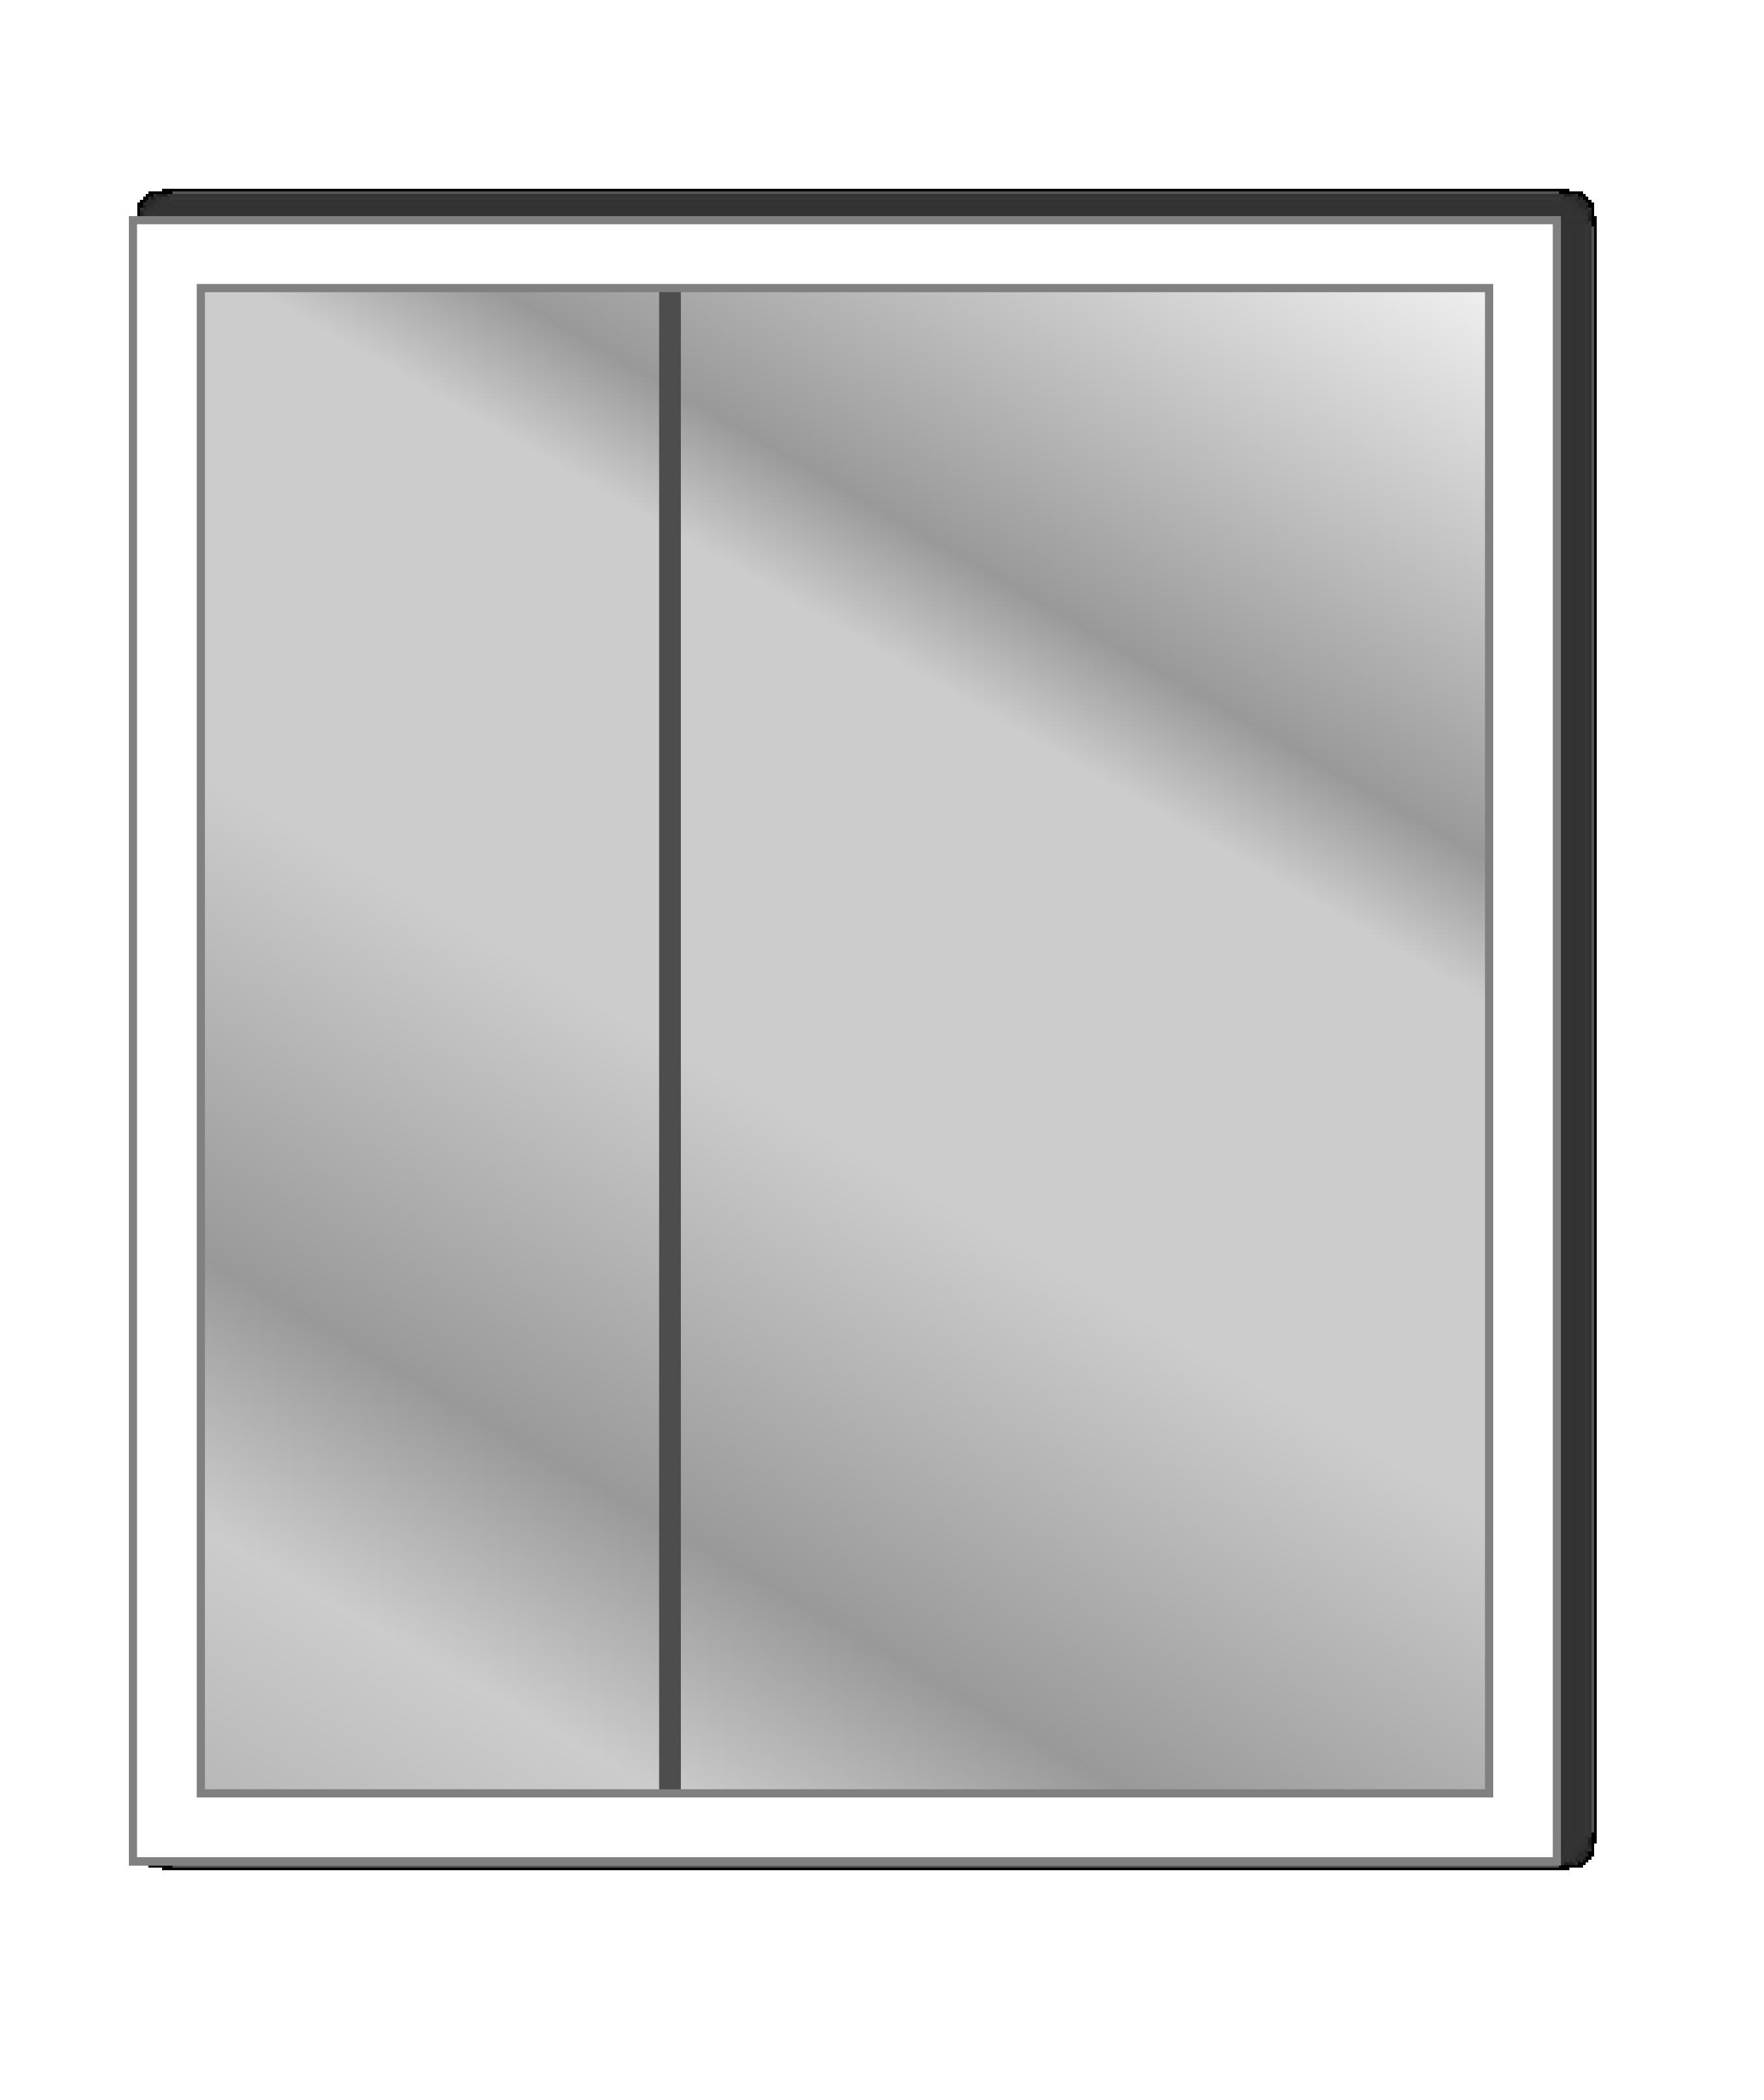 SIDLER Quadro 1.1008.023